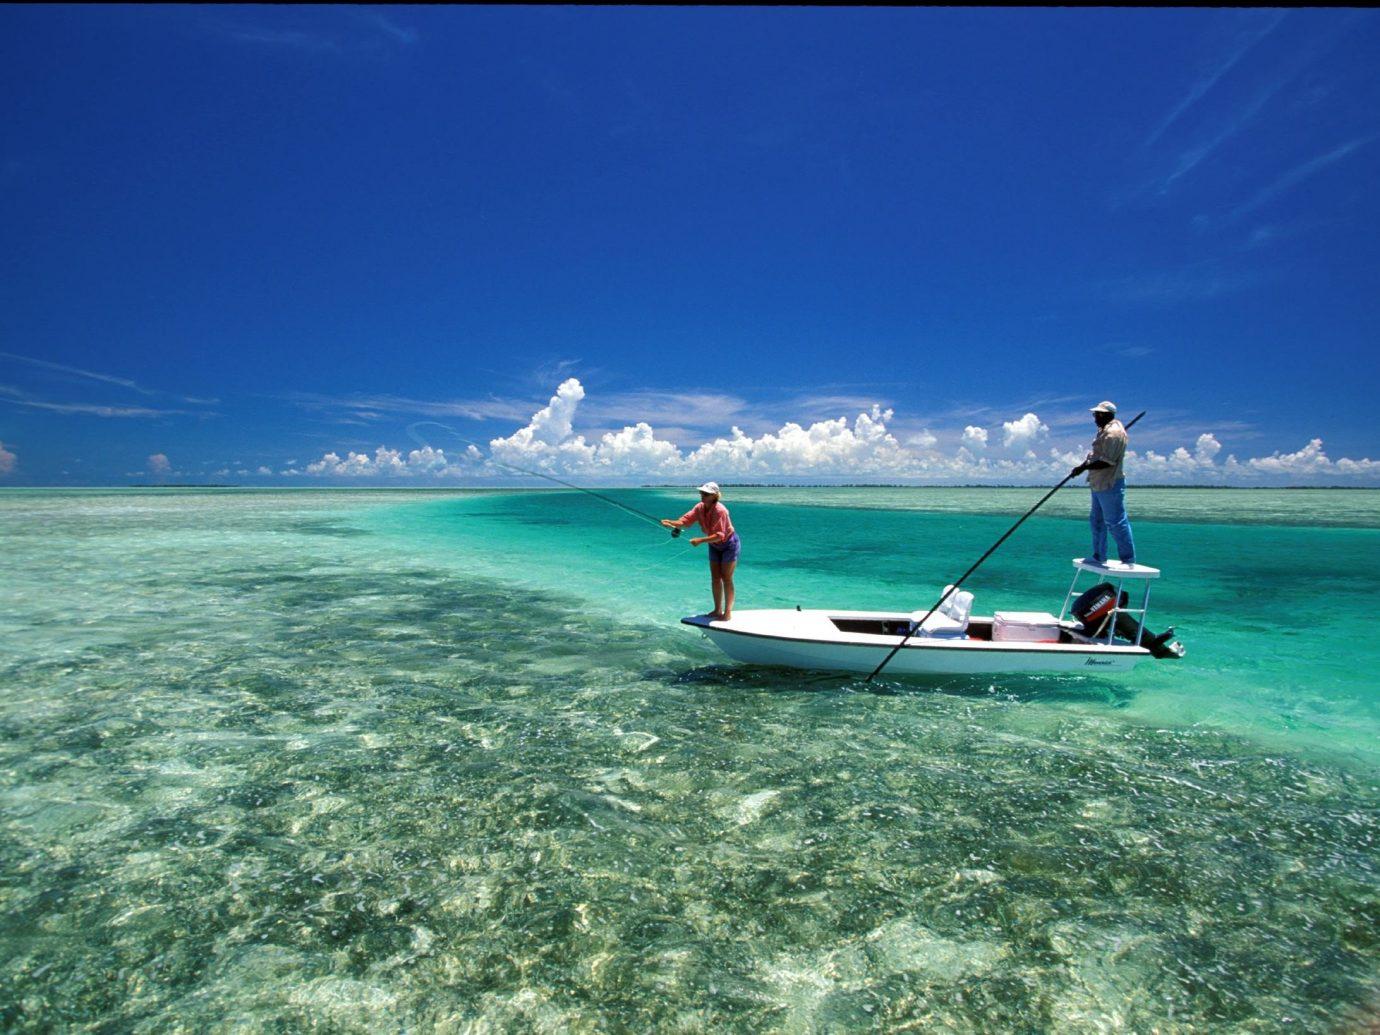 Fishing at Kamalame Cay